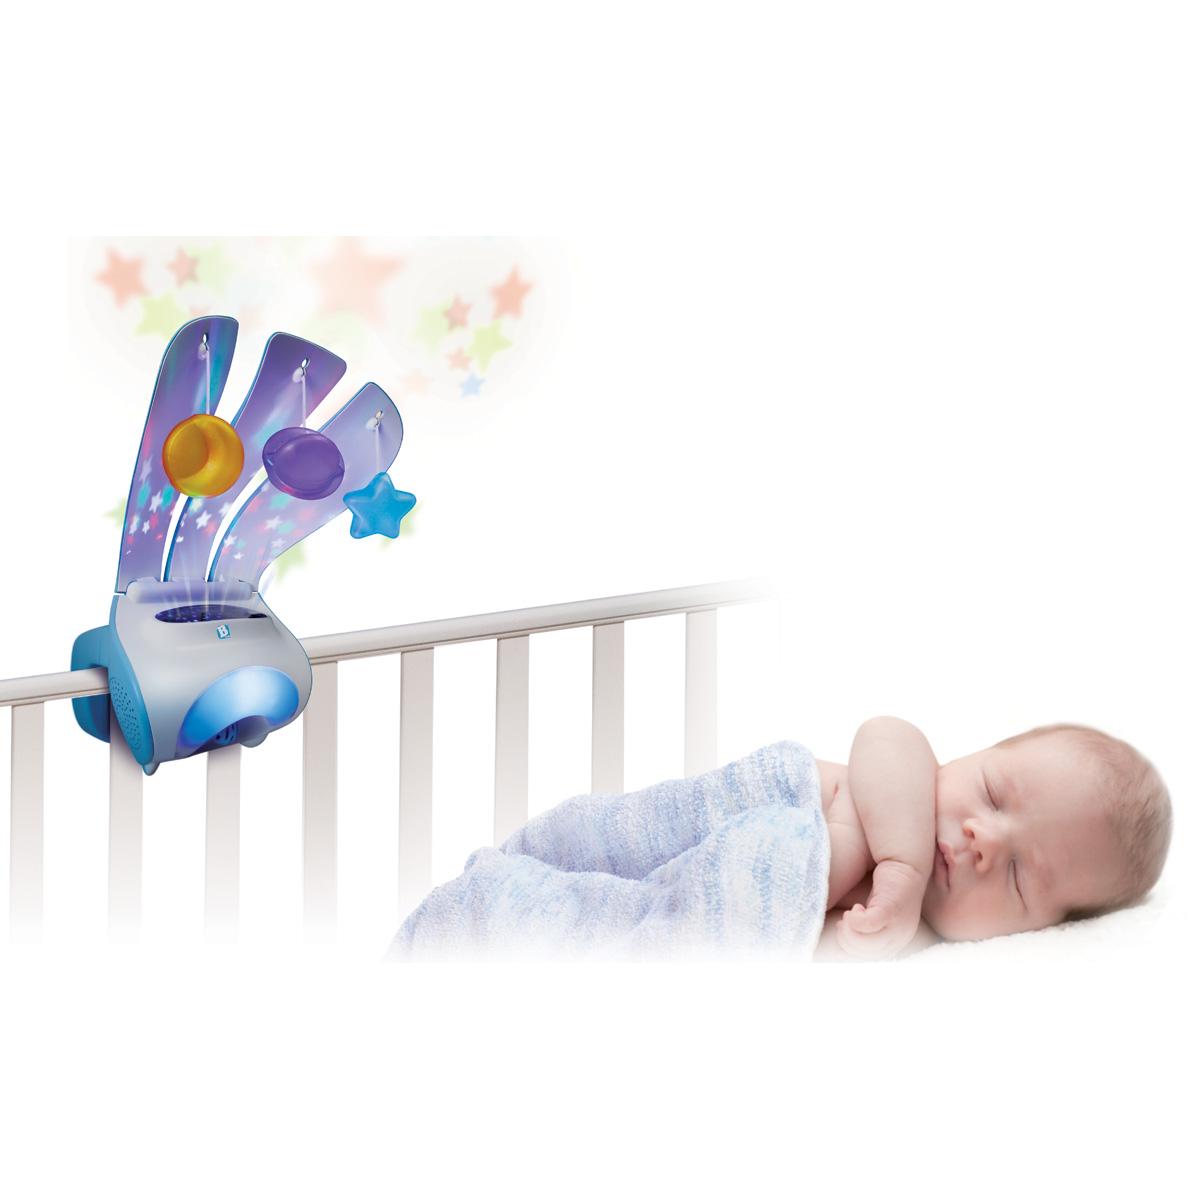 wom watch over me le mobile pour b b qui s 39 adapte l 39 activit de votre enfant. Black Bedroom Furniture Sets. Home Design Ideas